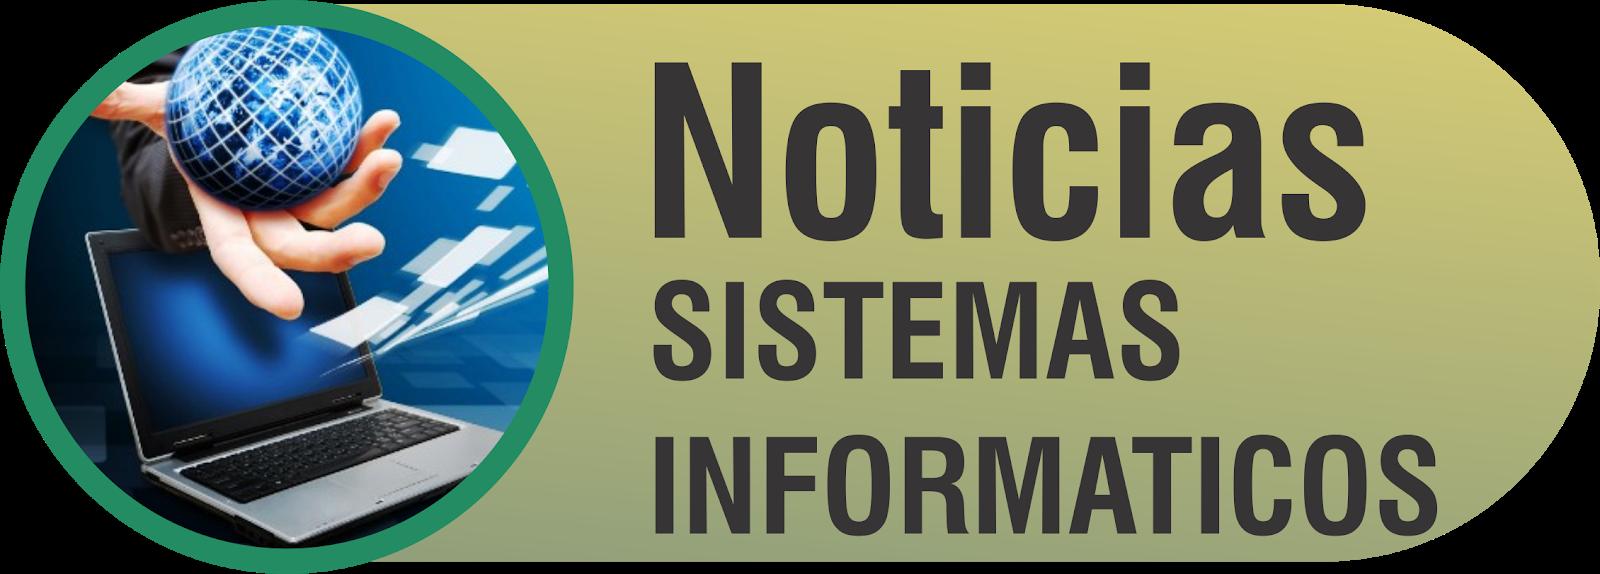 Noticias Sistemas Informaticos